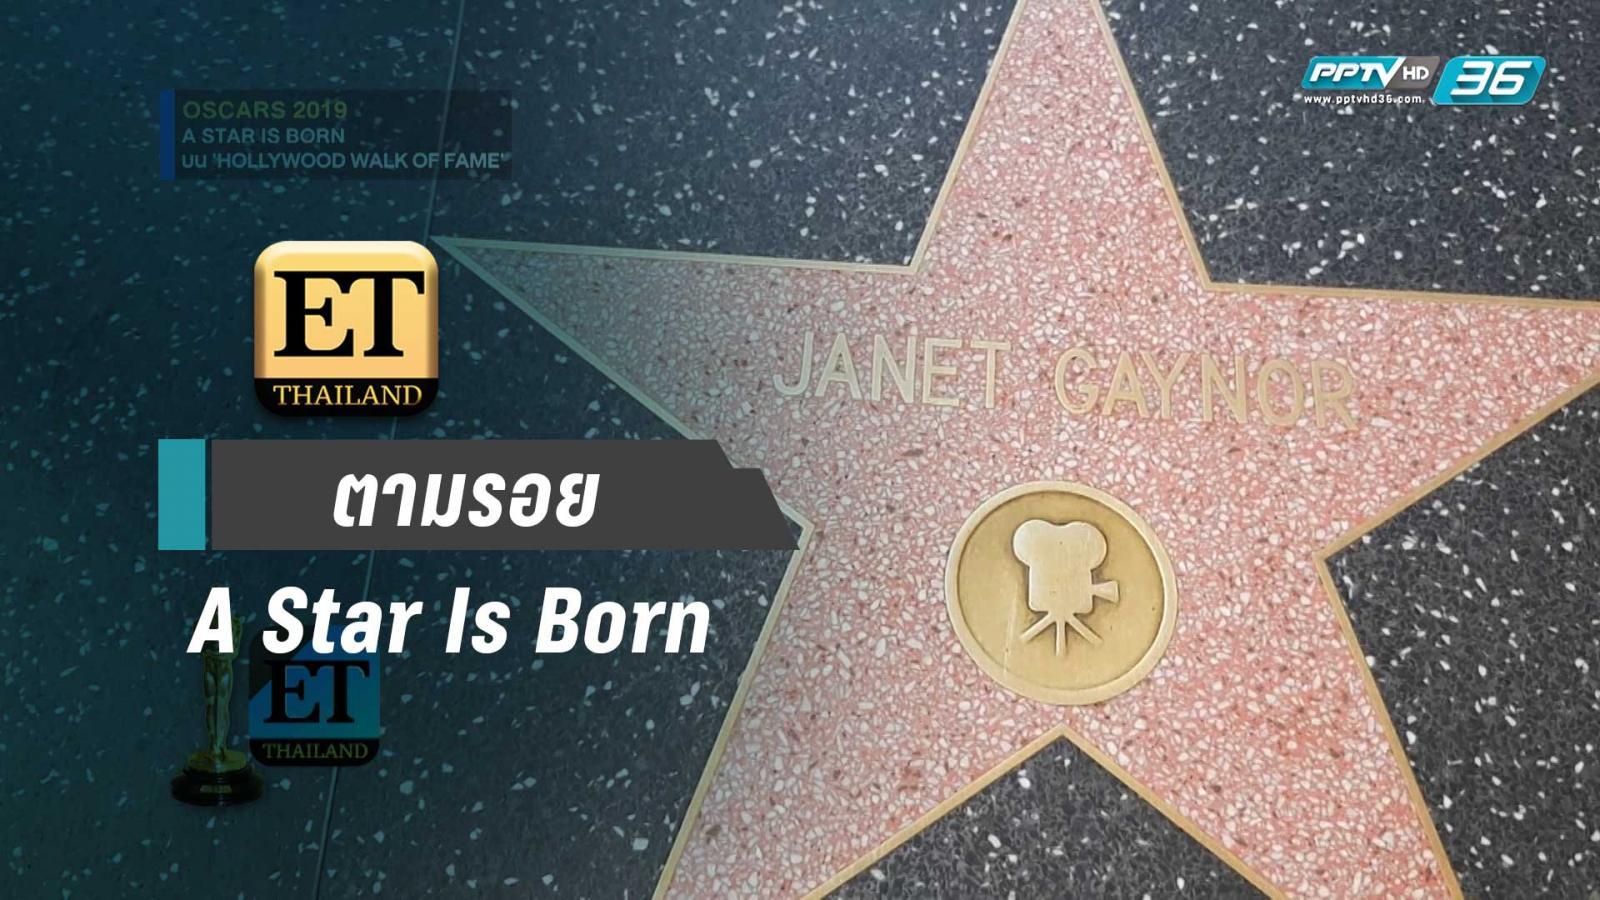 ตามรอย A Star Is Born บนถนนติดดาว